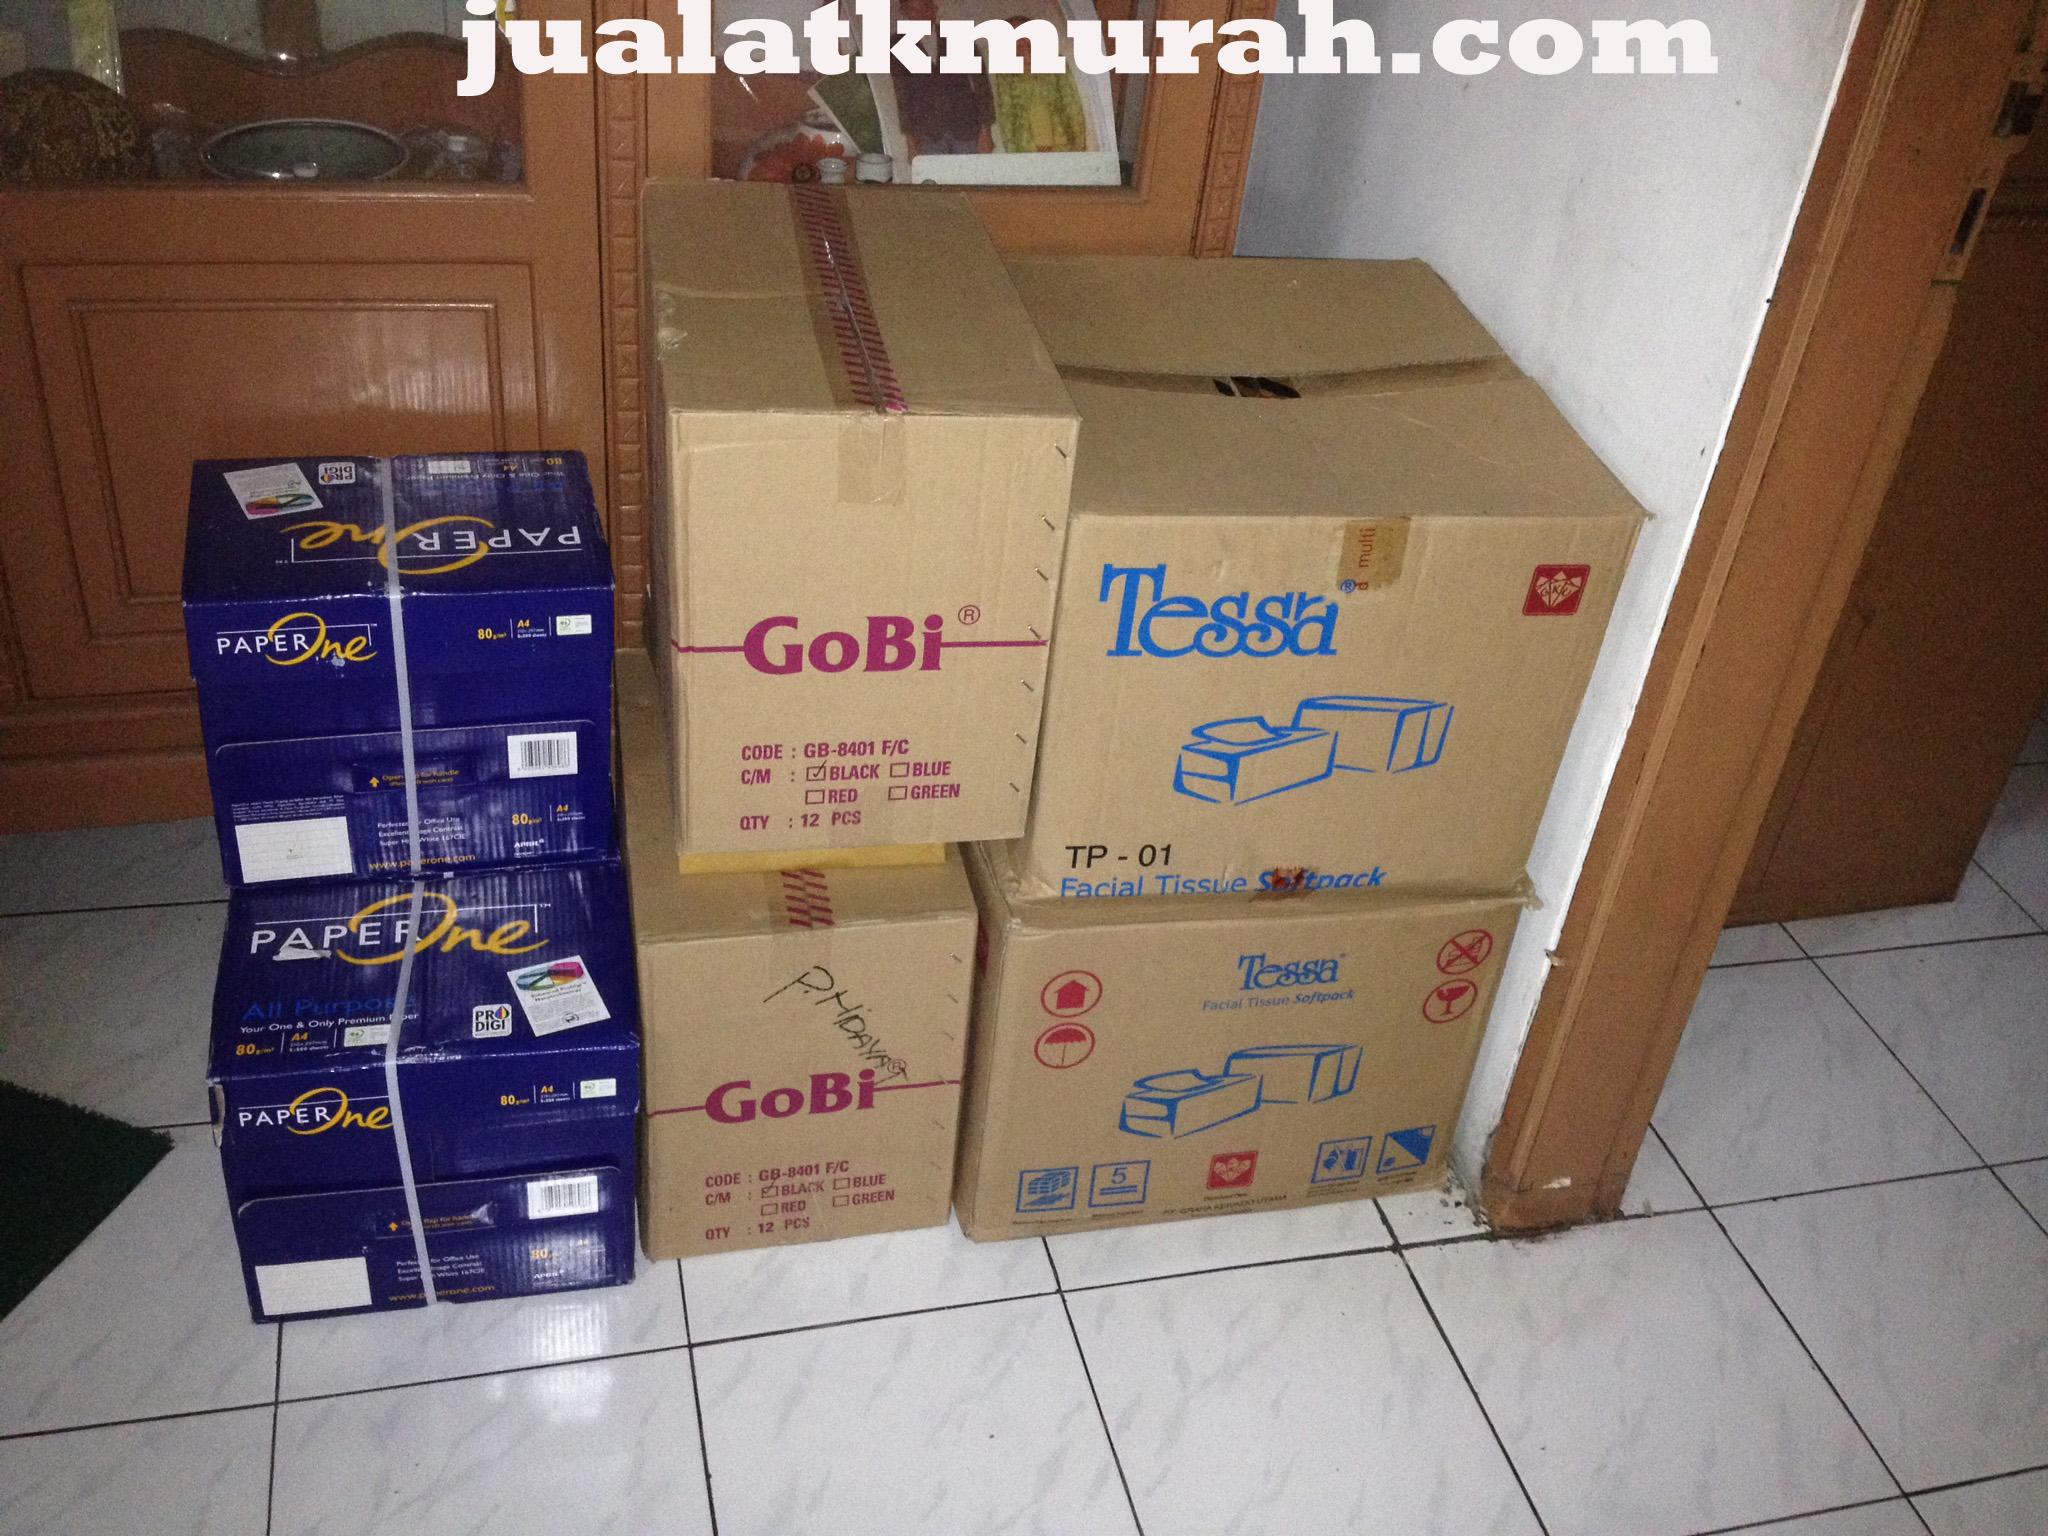 Jual ATK Murah Pondok Gede Jakarta Timur